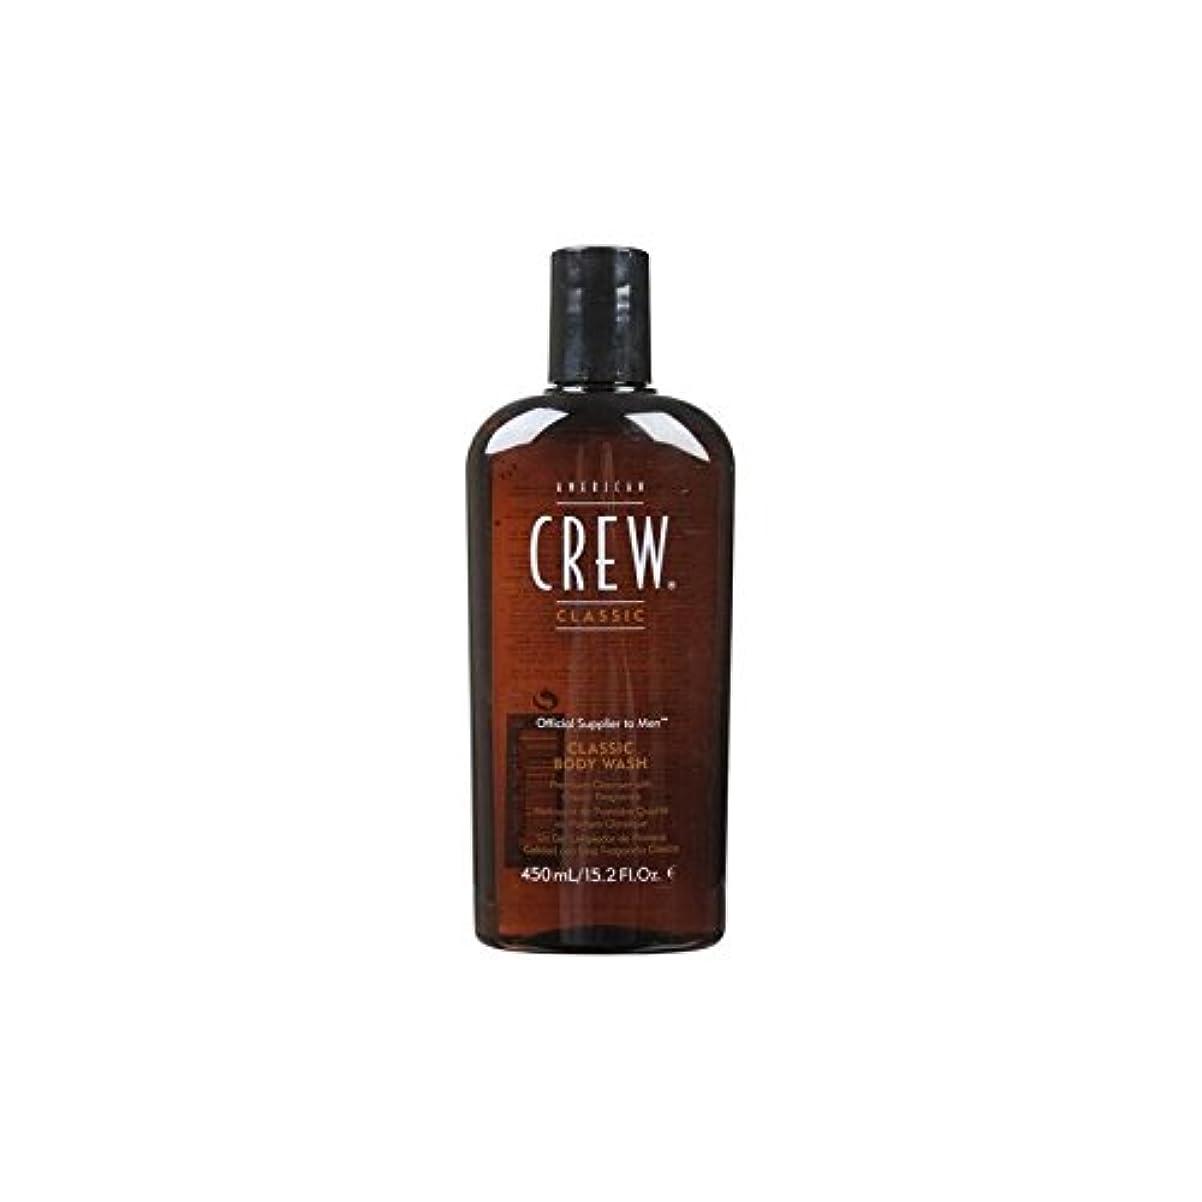 安定メンダシティ霧American Crew Classic Body Wash (450ml) (Pack of 6) - アメリカンクルークラシックなボディウォッシュ(450ミリリットル) x6 [並行輸入品]